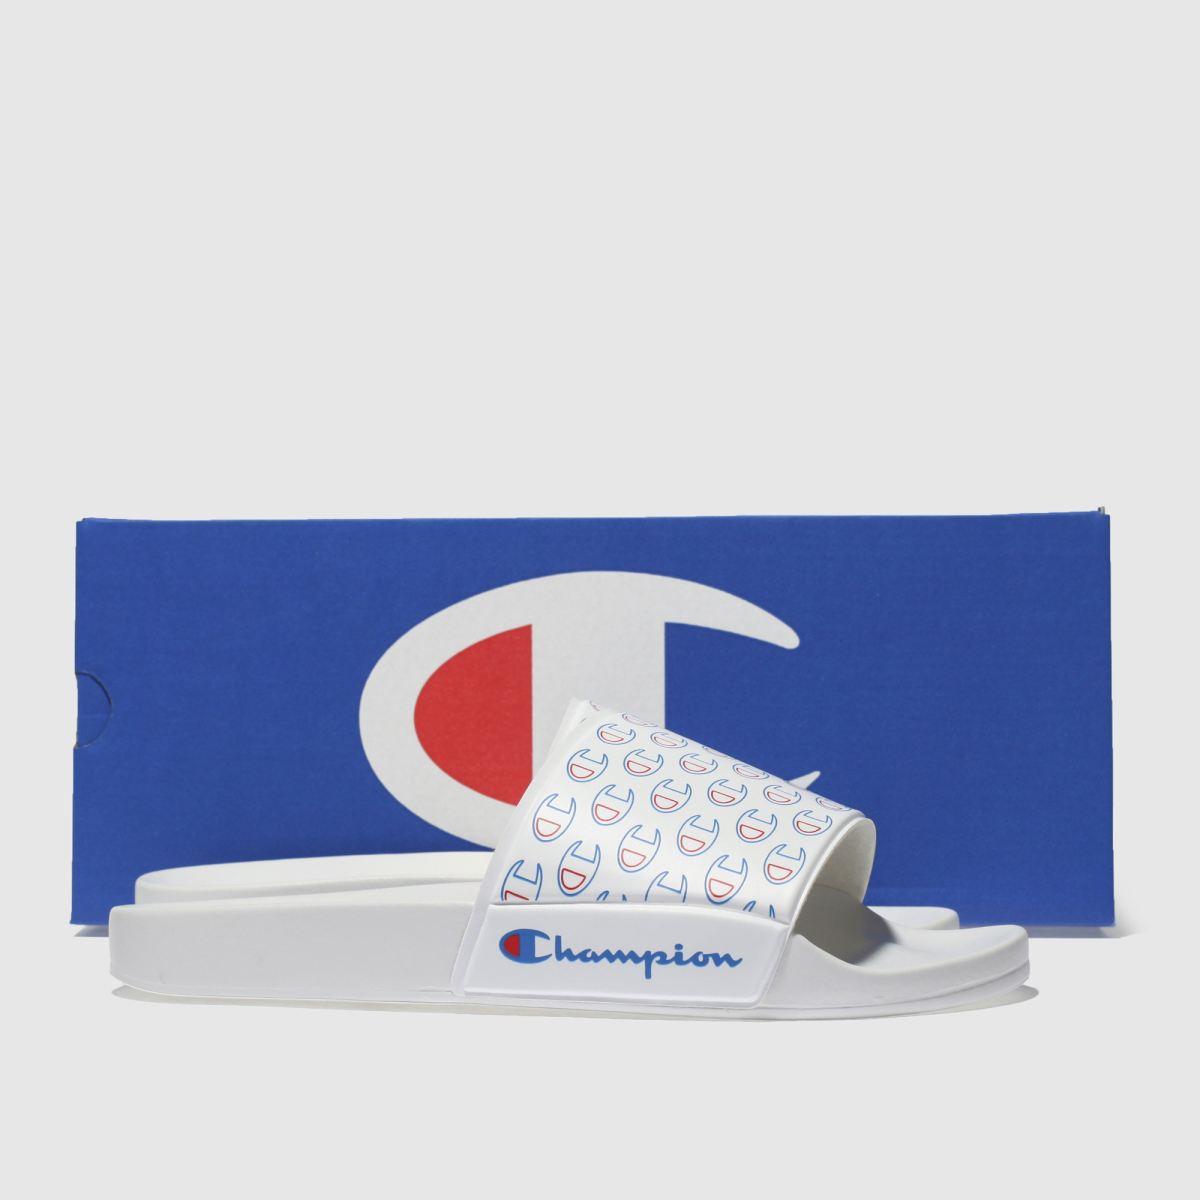 Herren Weiß-blau champion Multi-lido Allover Sandalen | Schuhe schuh Gute Qualität beliebte Schuhe | 7b9685